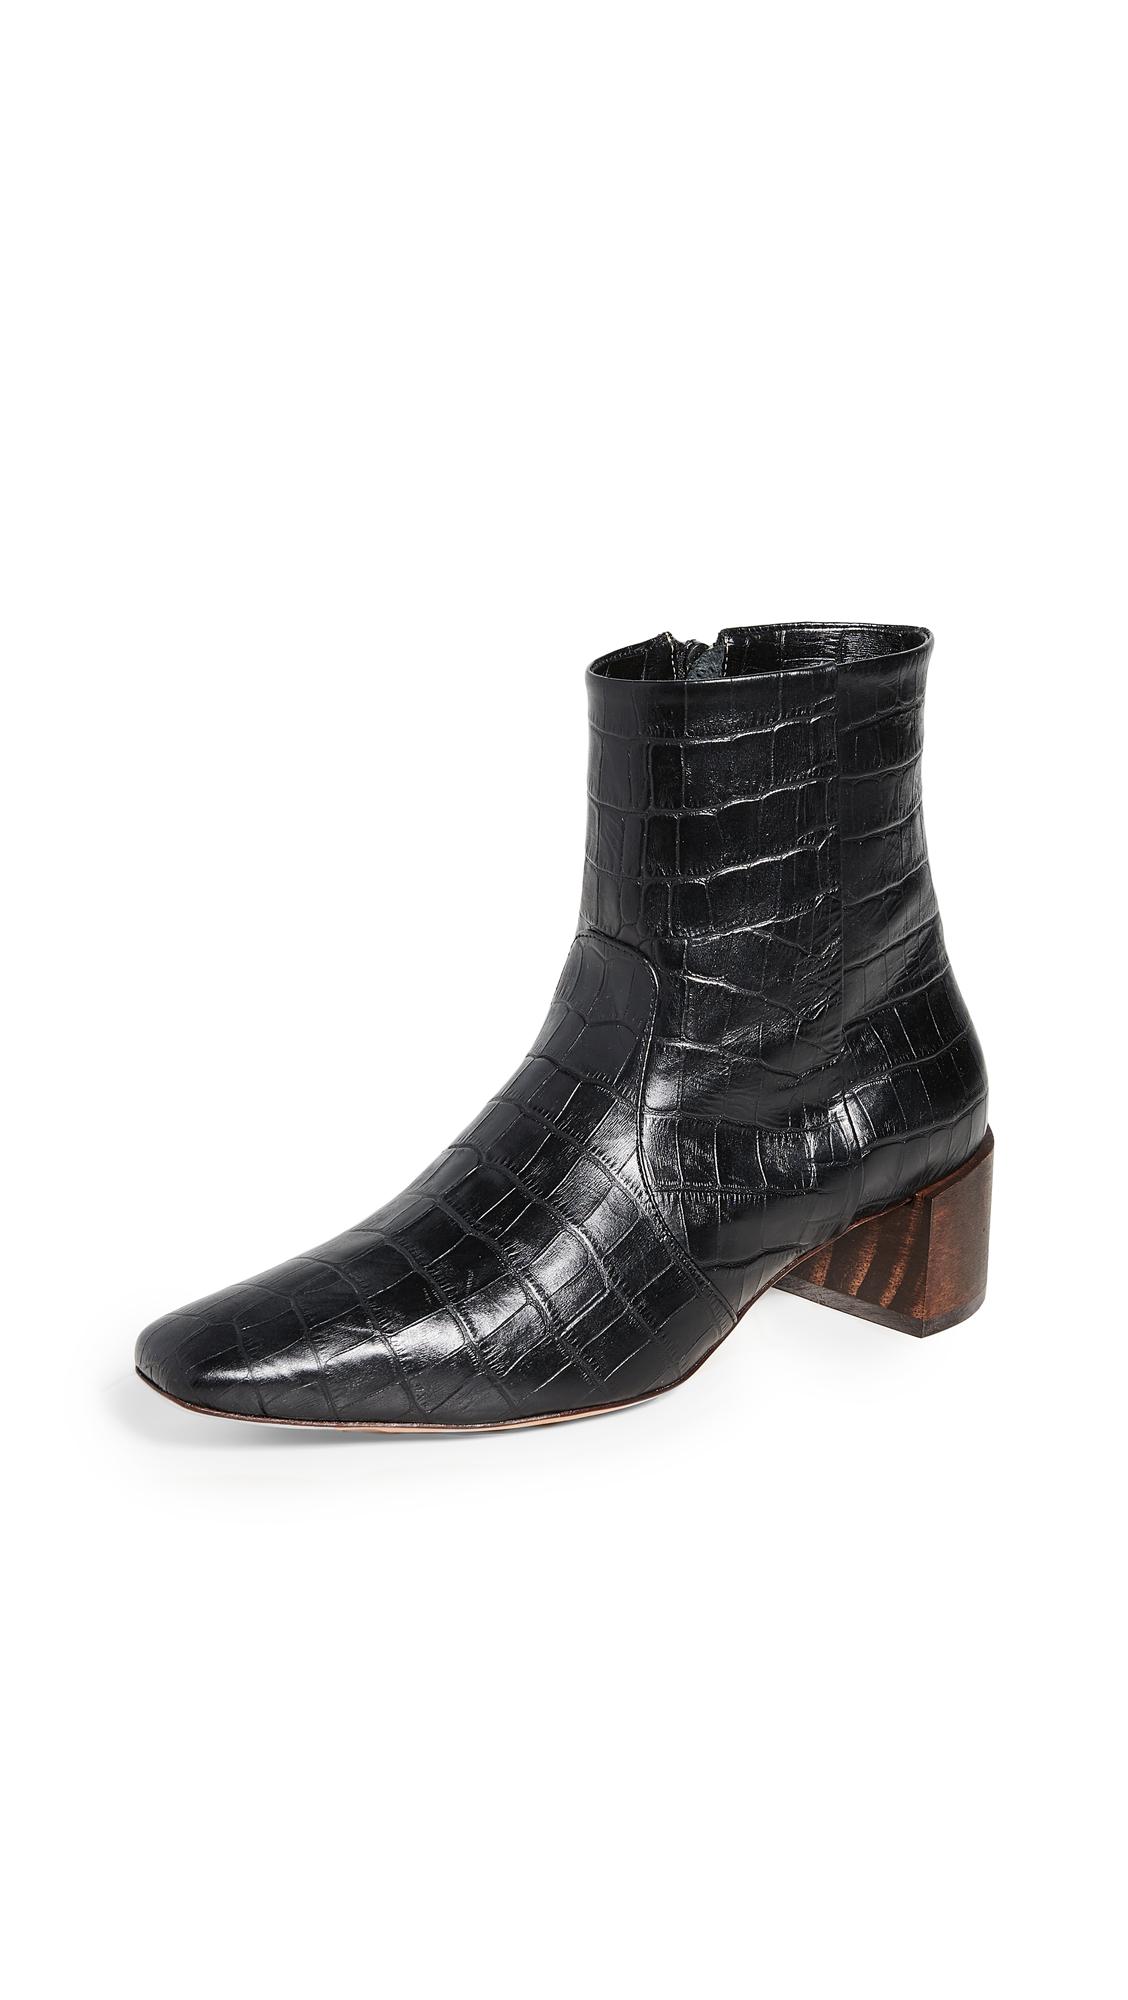 Mari Giudicelli Classic Boots In Black